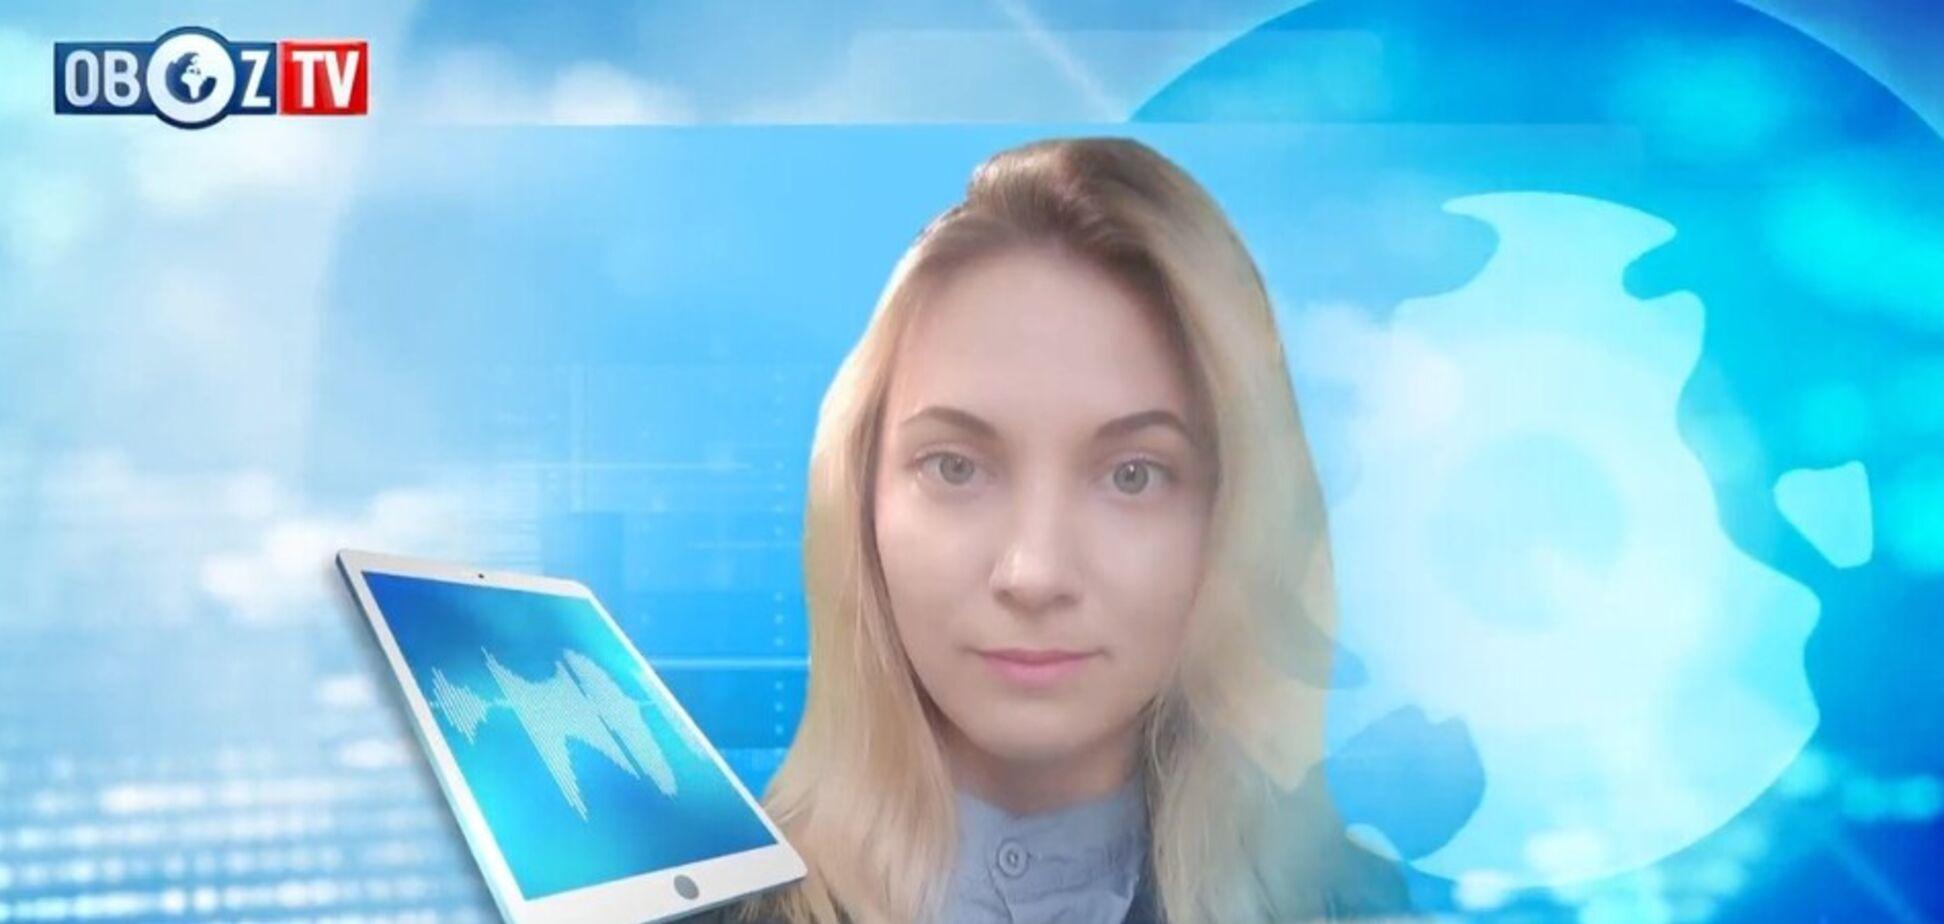 Бесплатные роды и кесарево сечение: возможно ли это в Украине